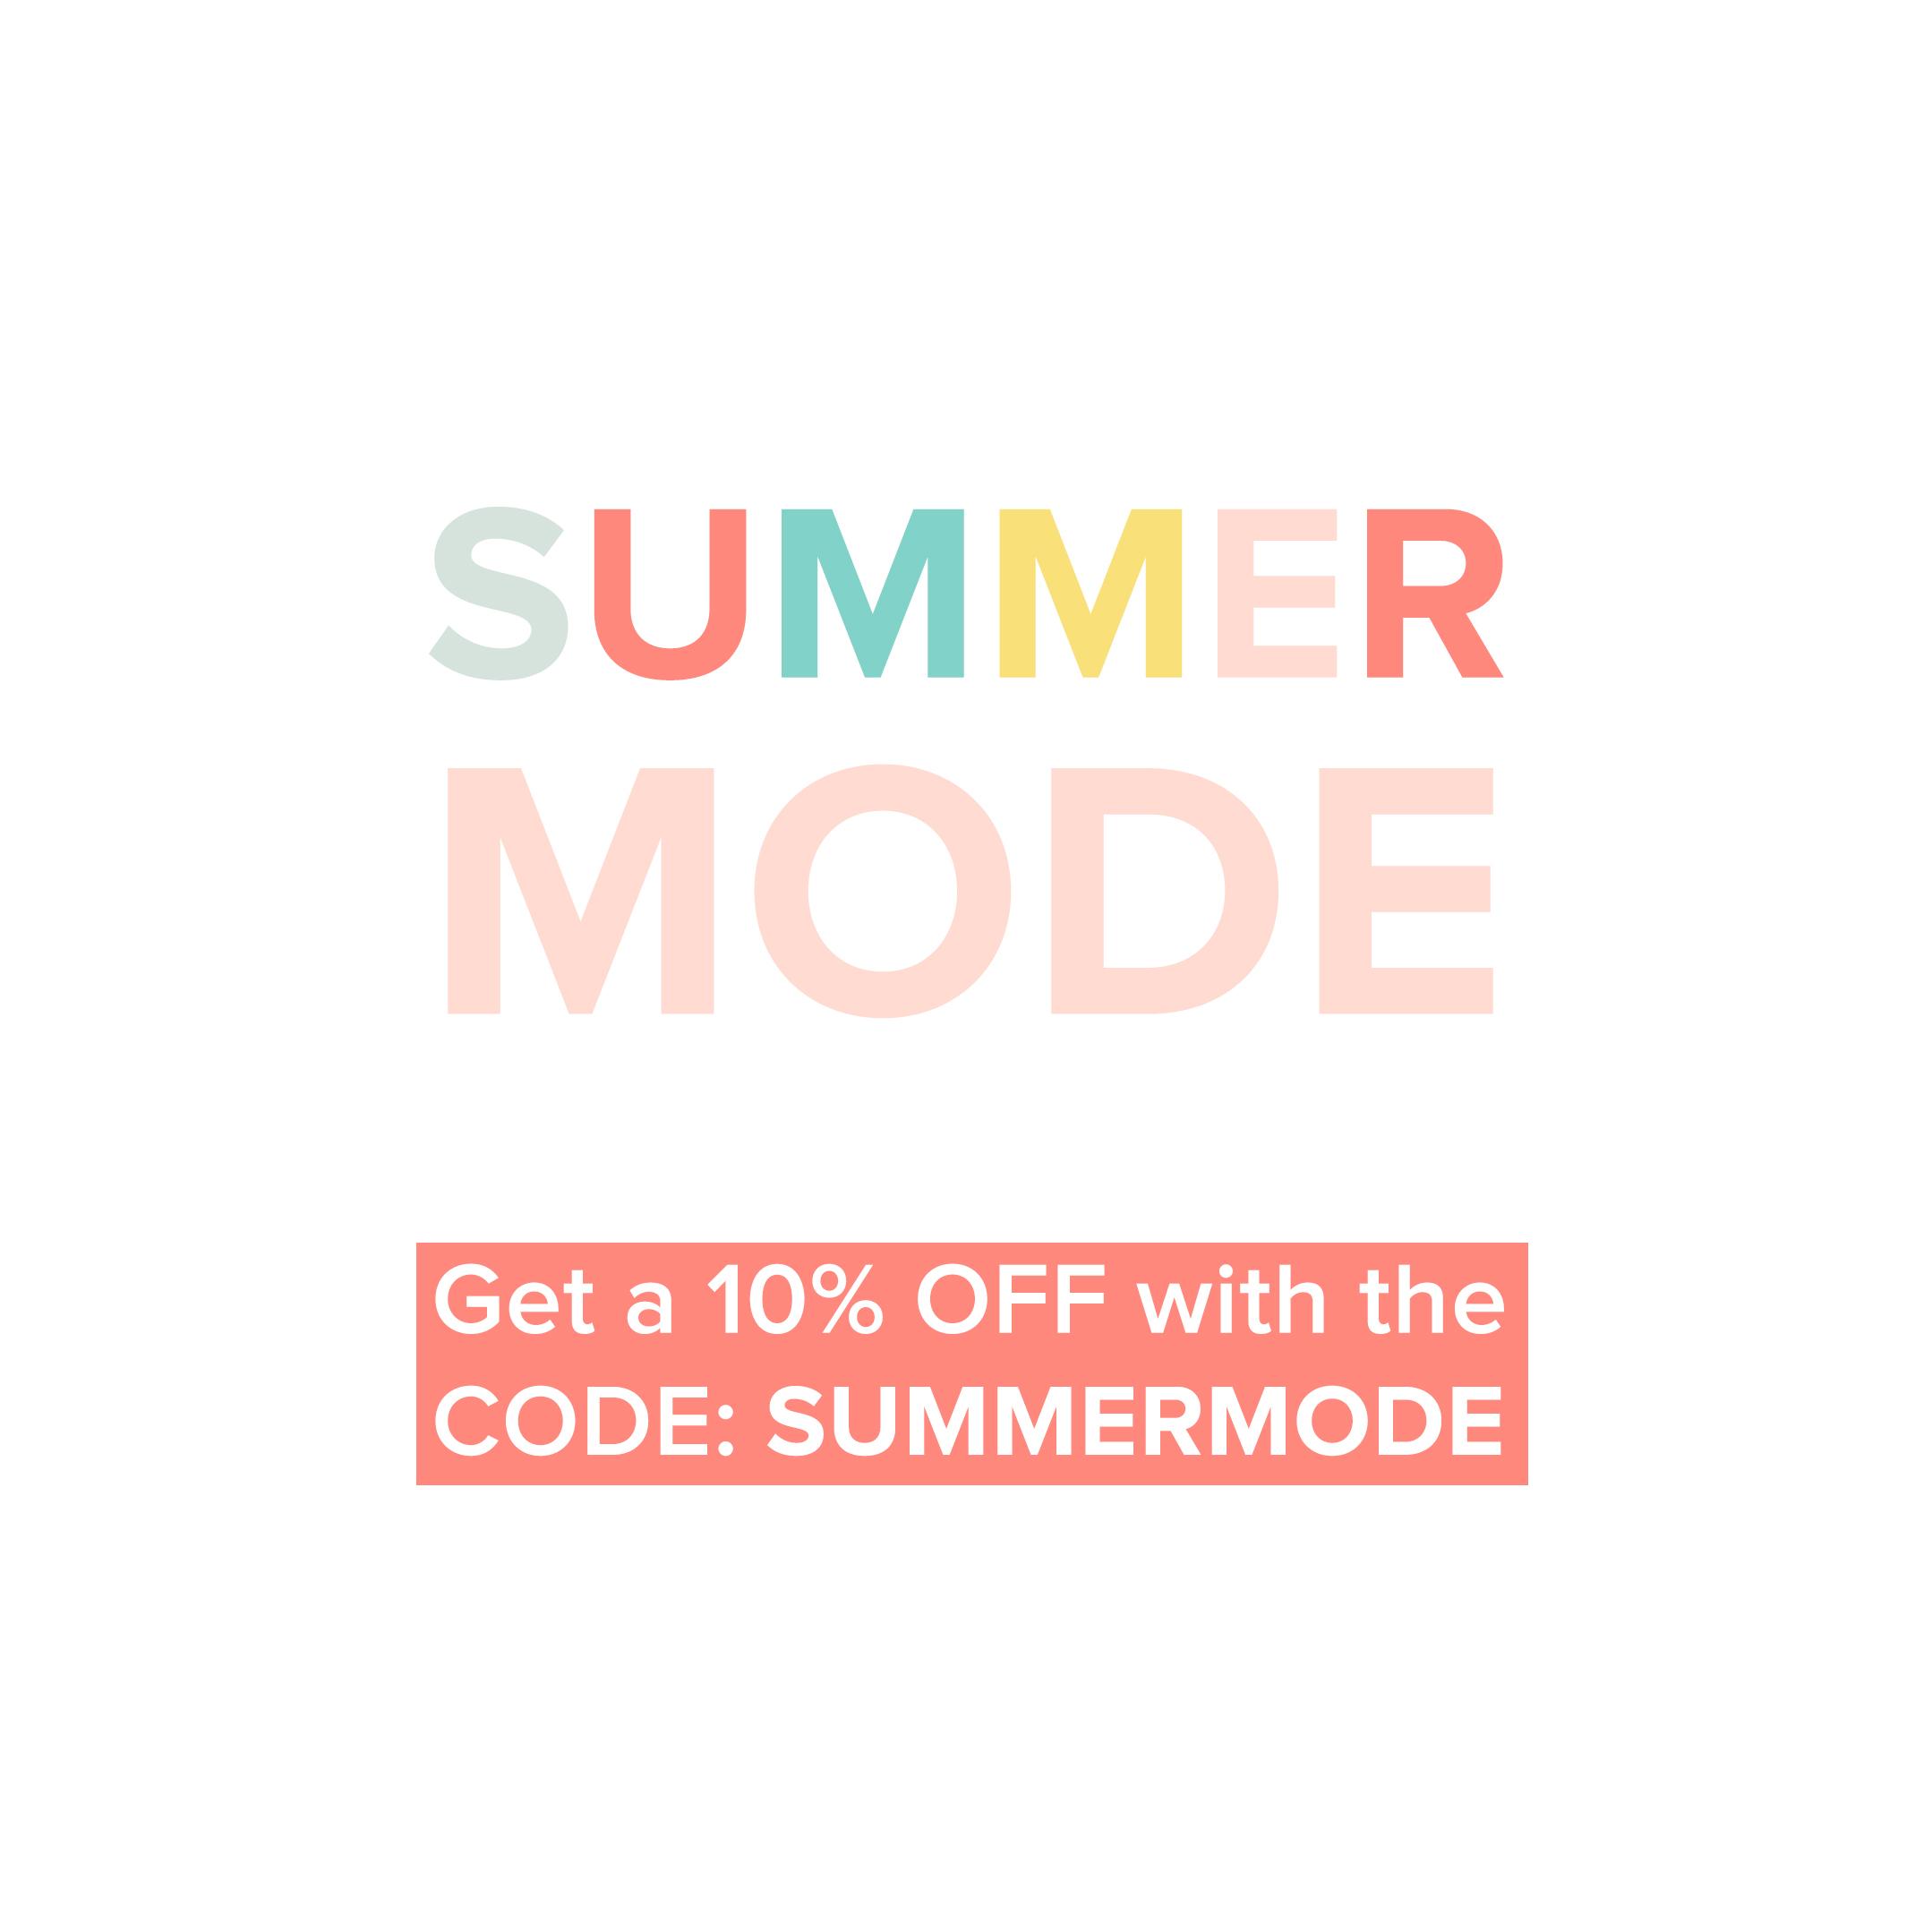 summermode.jpg